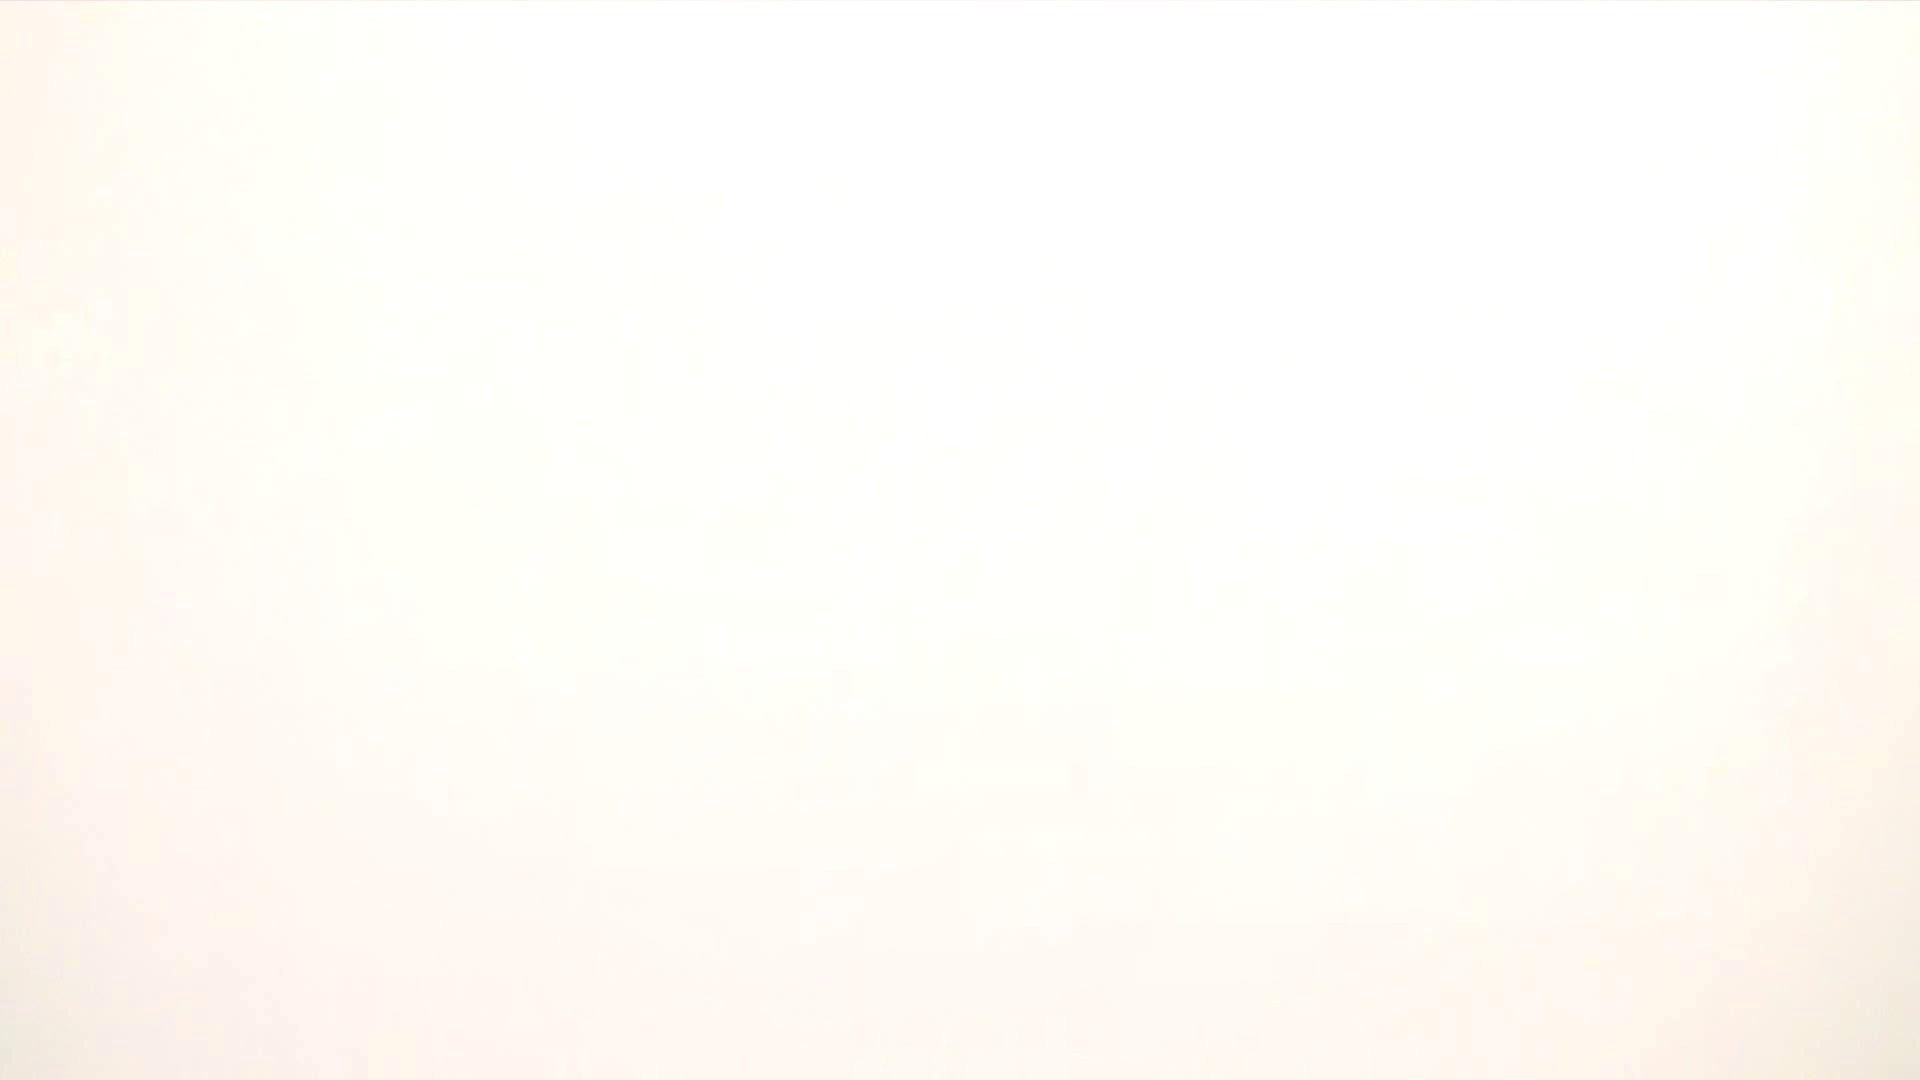 ※100個限定販売 至高下半身盗撮 プレミアム Vol.18 ハイビジョン 丸見え ワレメ動画紹介 90画像 27